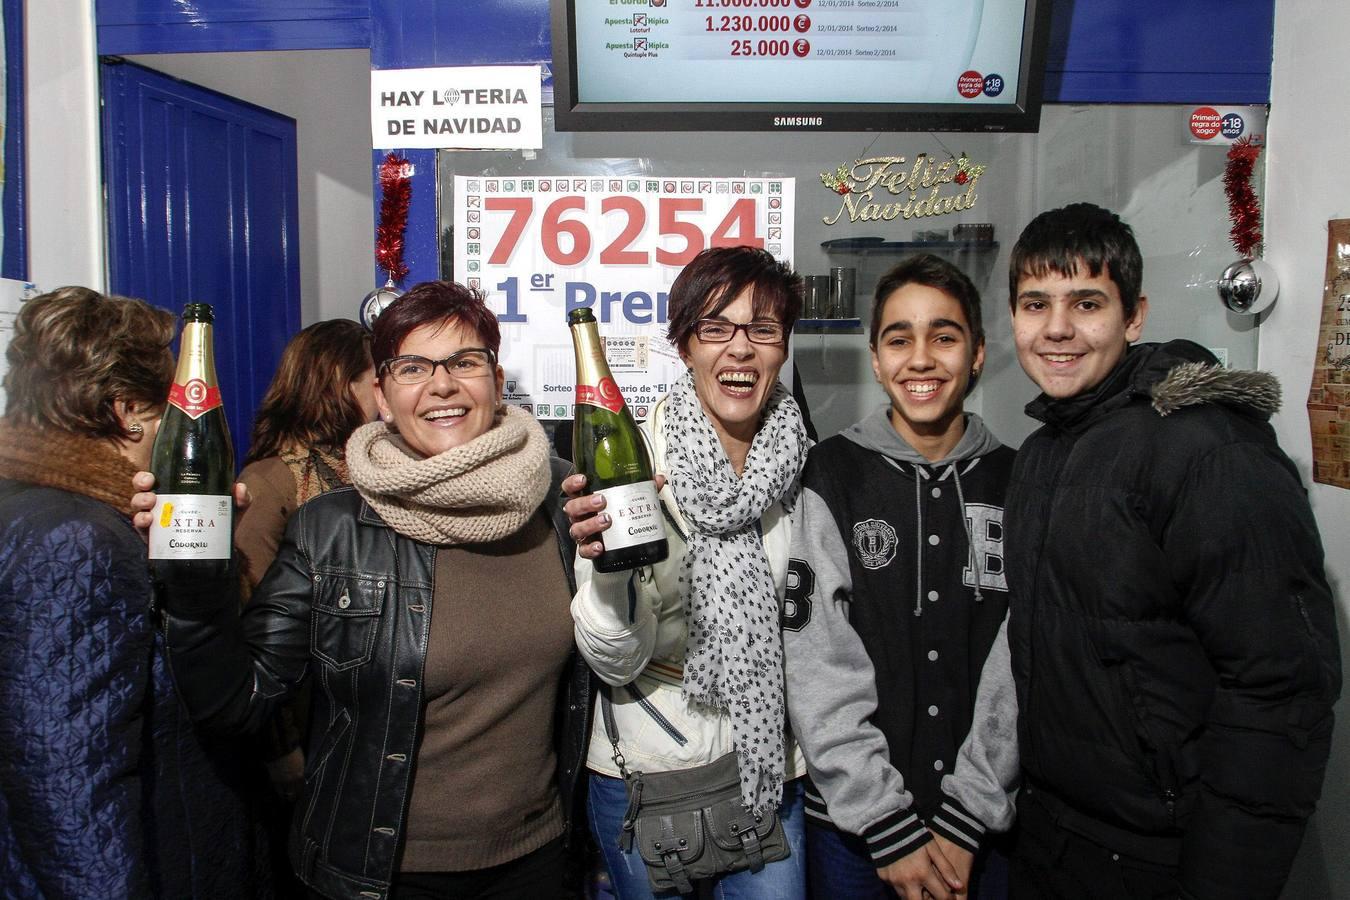 Monforte de Lemos se lleva el 'Gordo' de 'El Niño' con el 76254